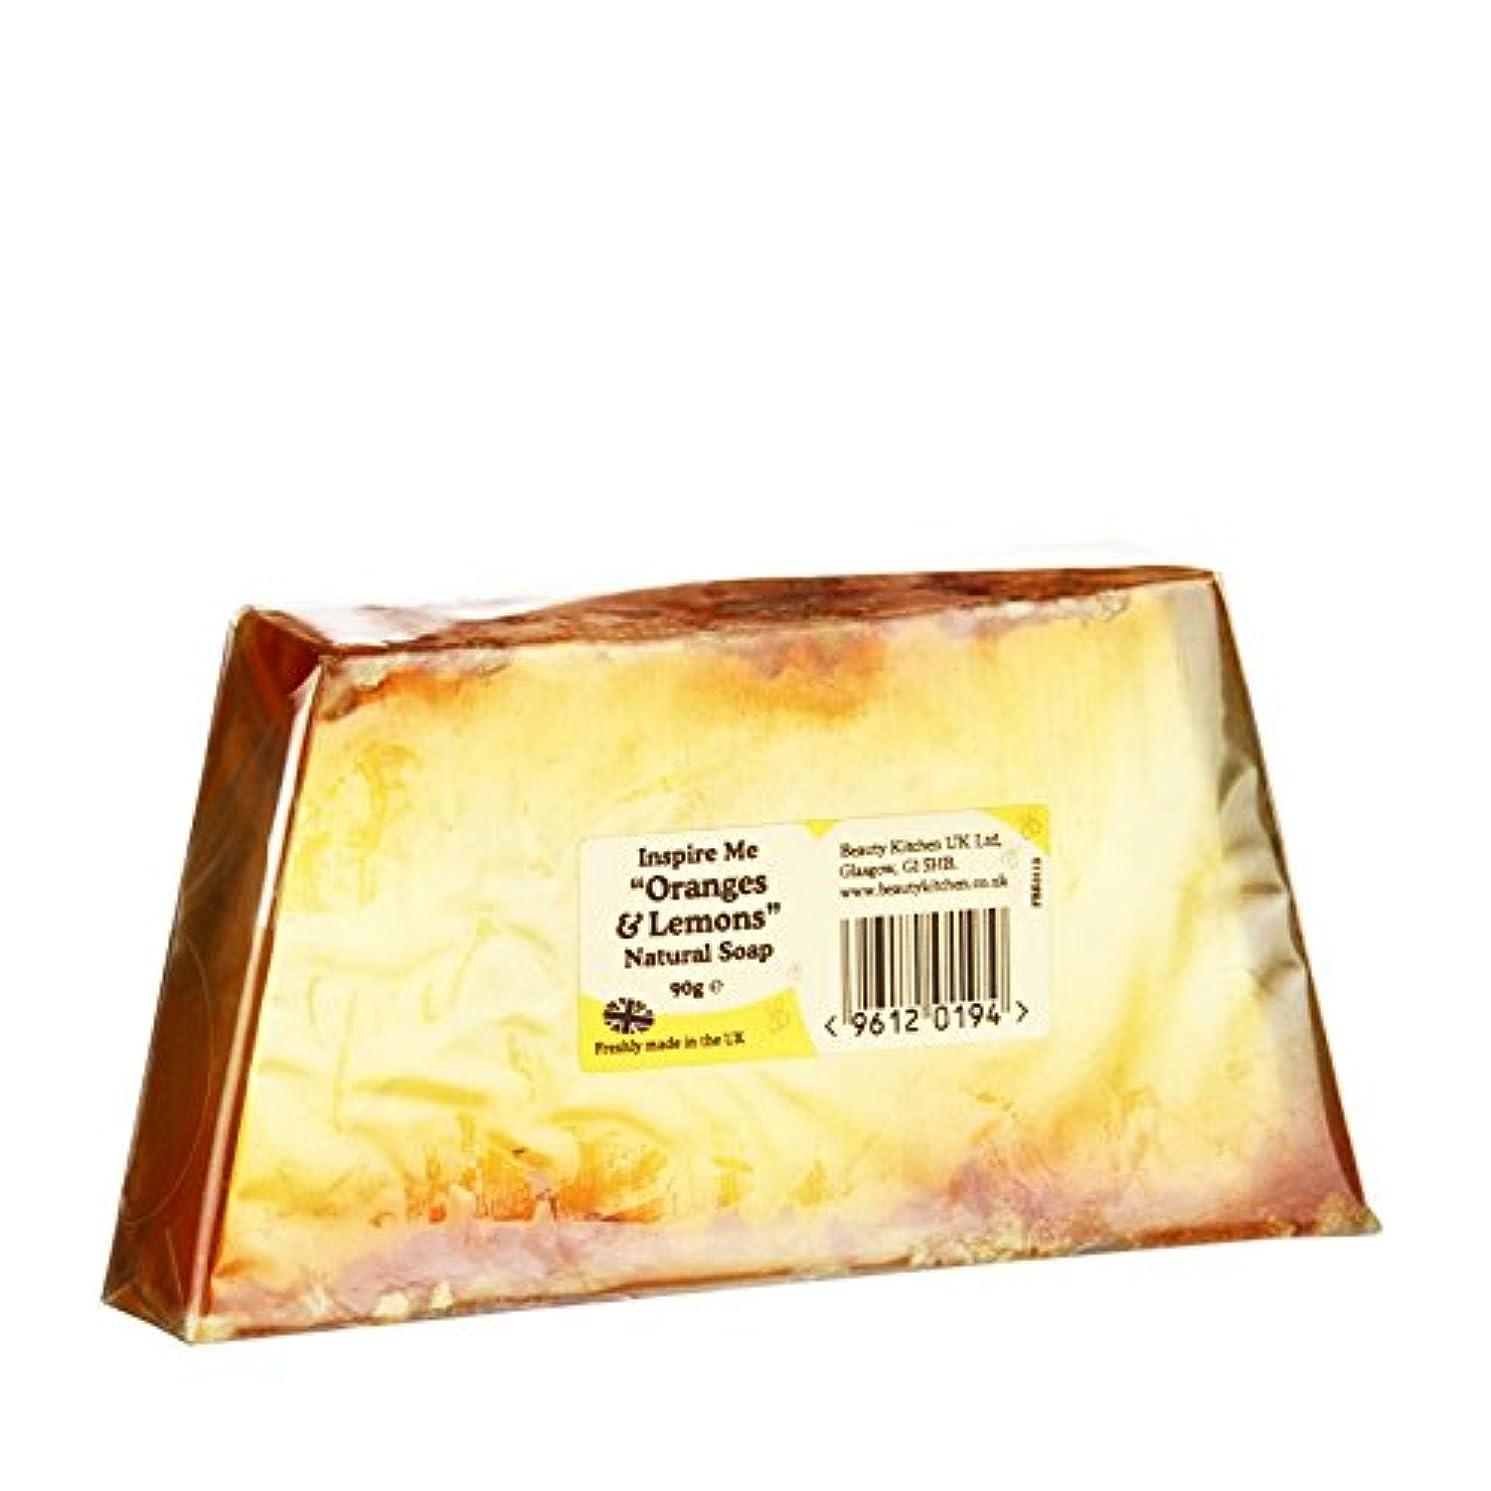 ガイダンス追加誰でも美しさのキッチンは私がオレンジ&レモンの天然石鹸90グラム鼓舞します - Beauty Kitchen Inspire Me Orange & Lemon Natural Soap 90g (Beauty Kitchen...